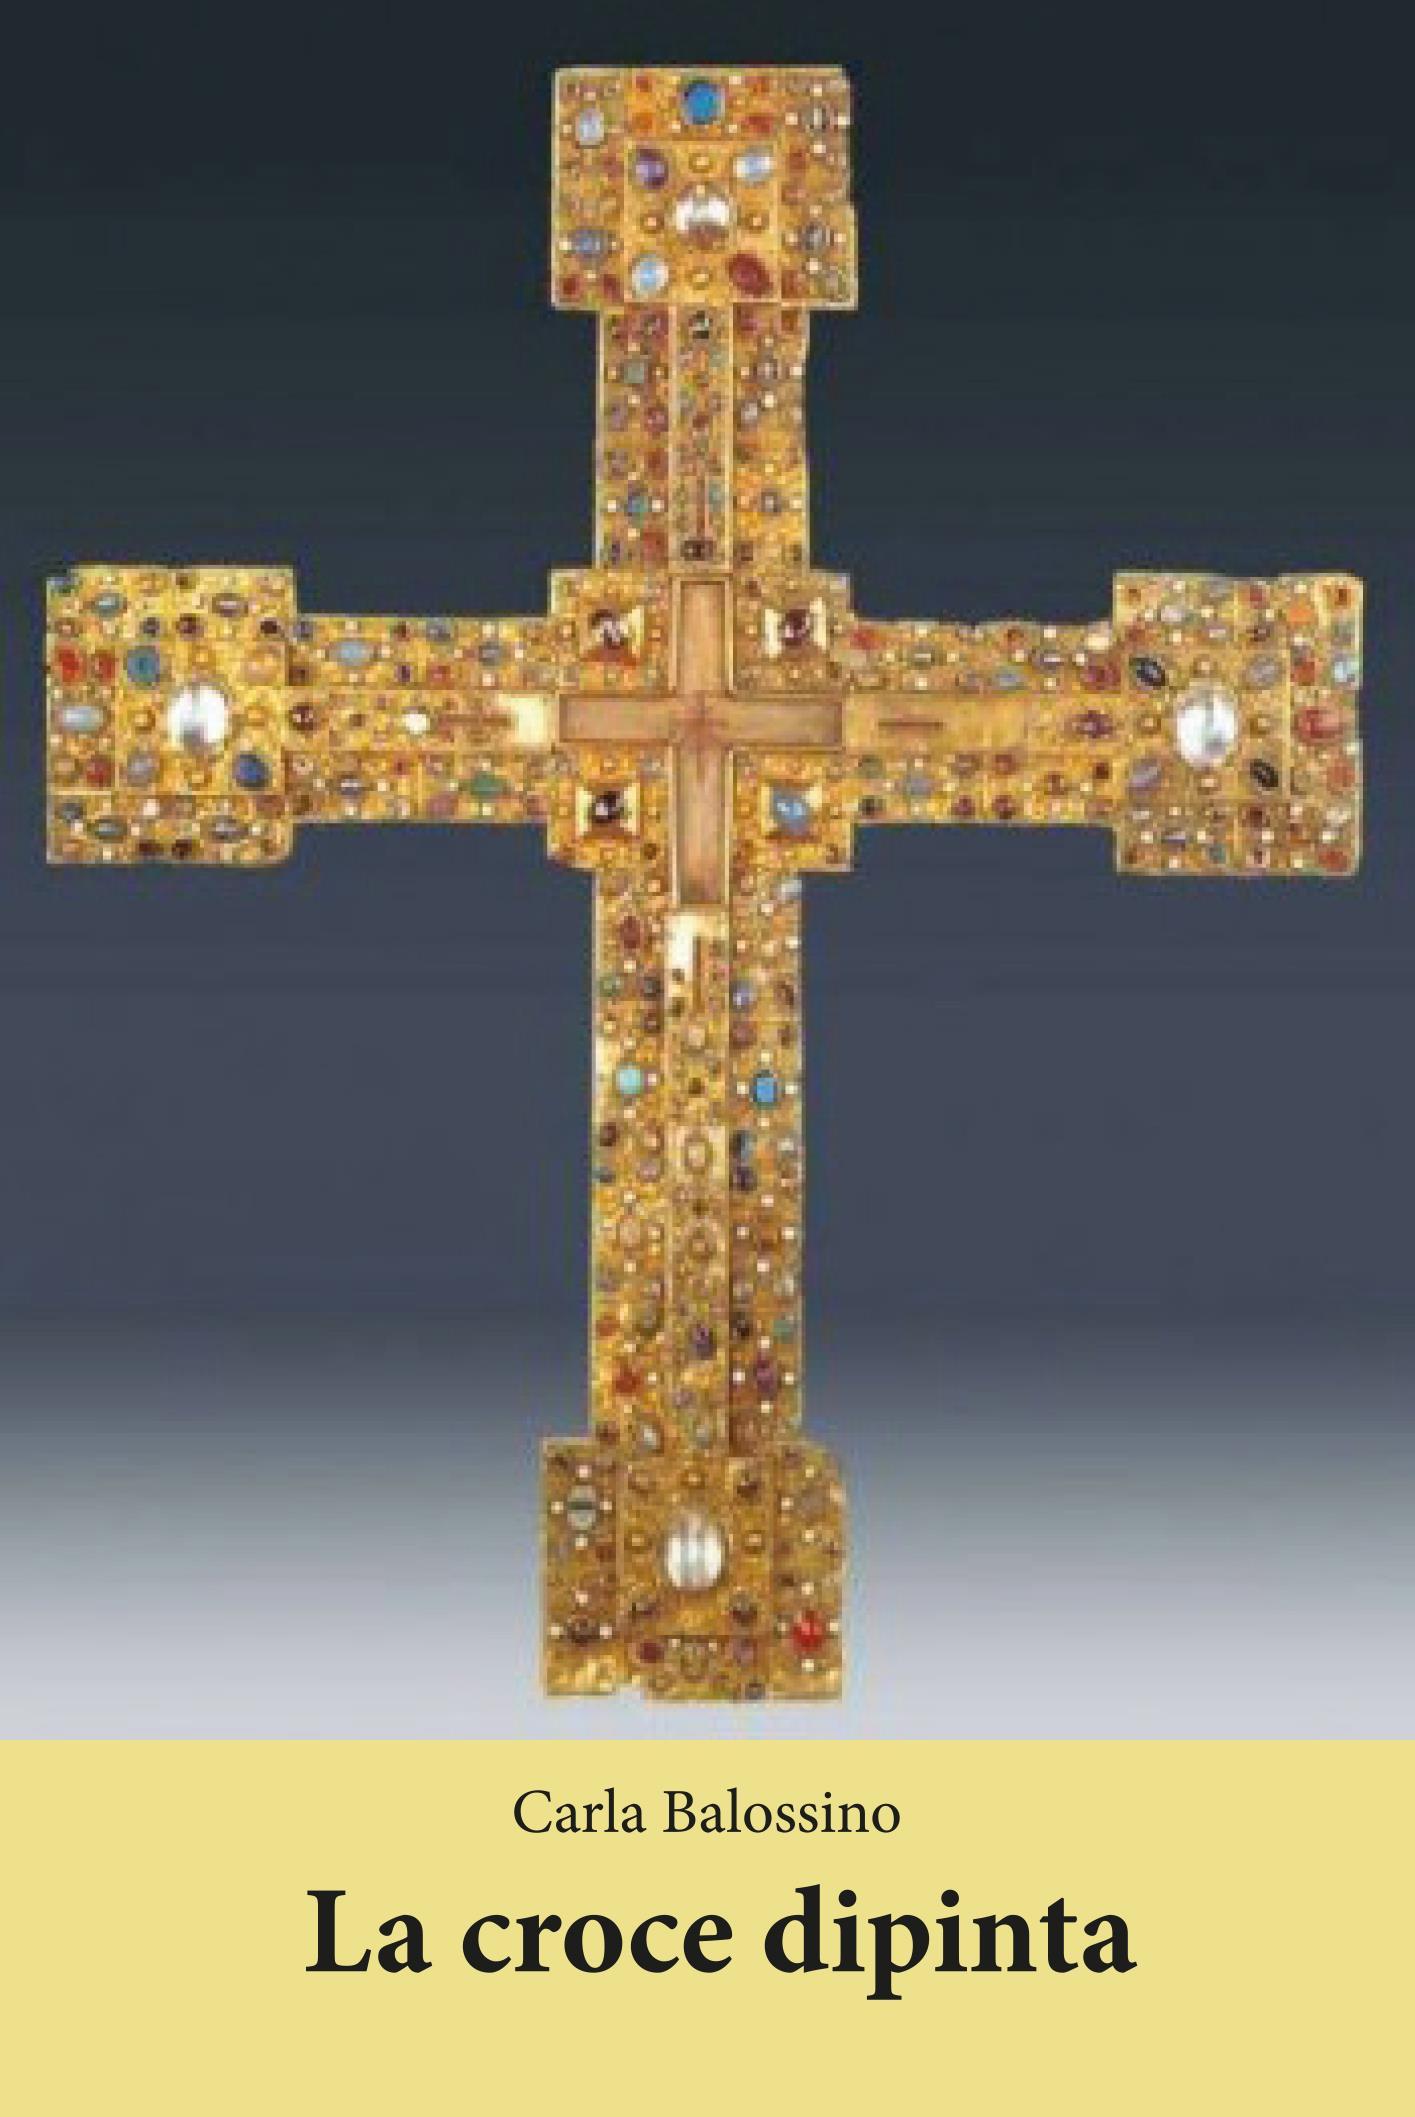 La croce dipinta